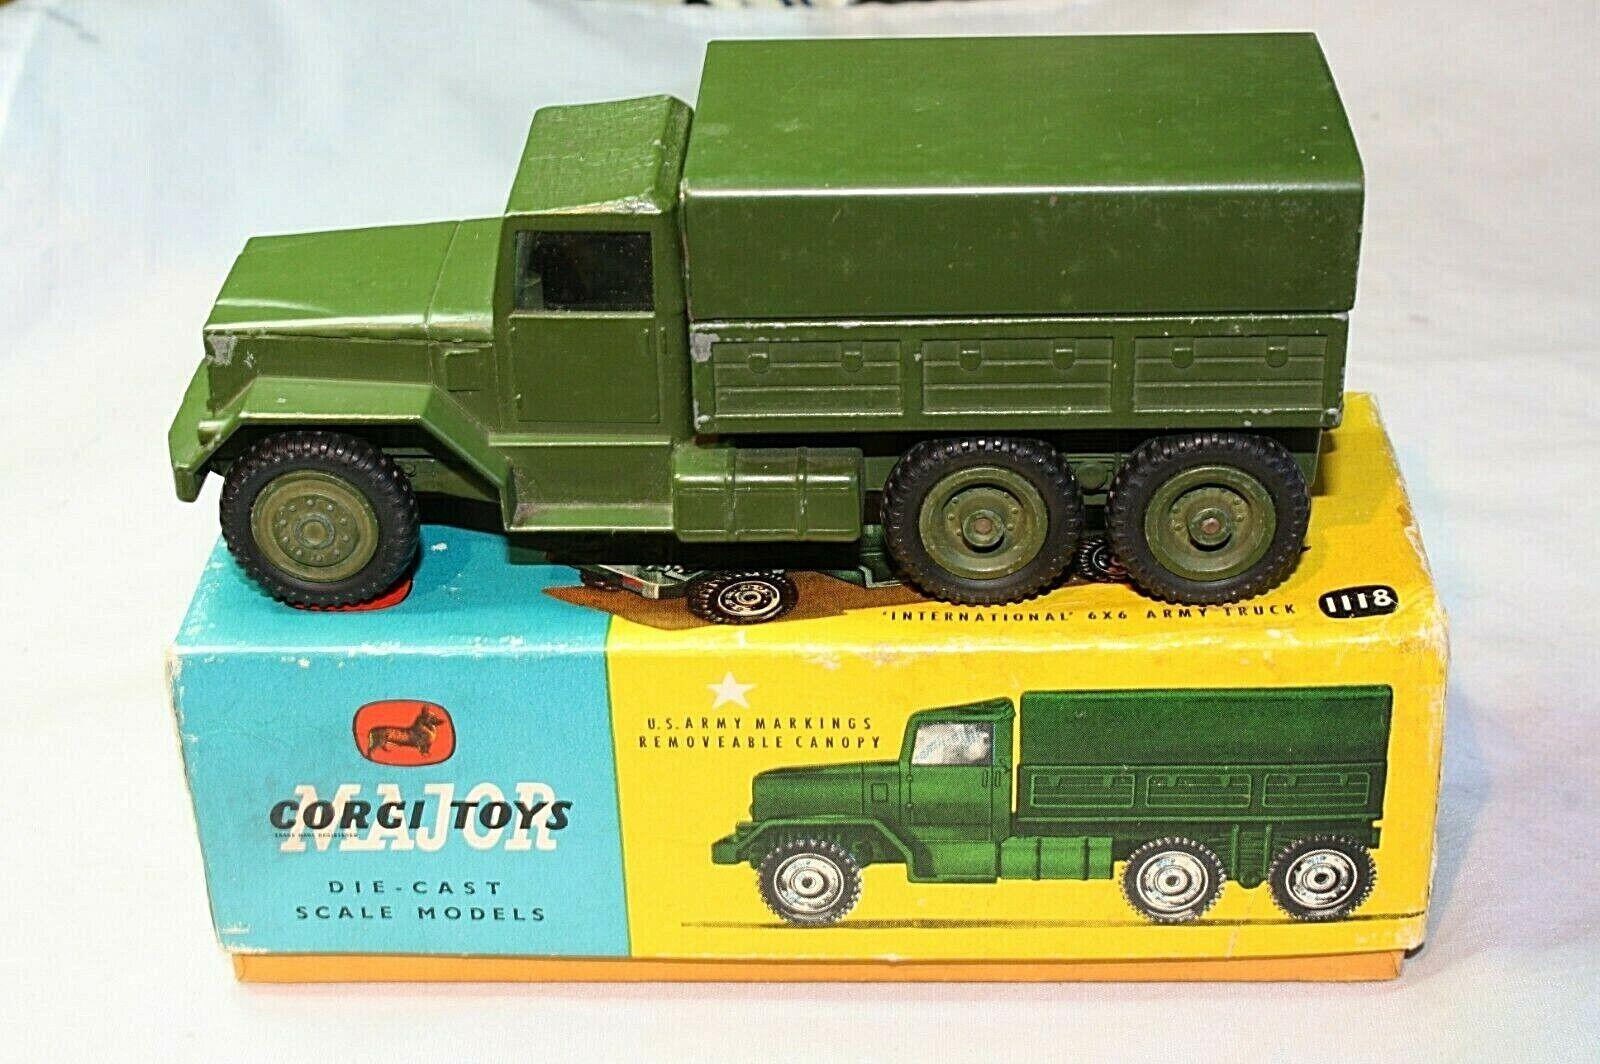 CORGI 1118 6X6 camion, Bon escroc réédition dans boîte d'origine